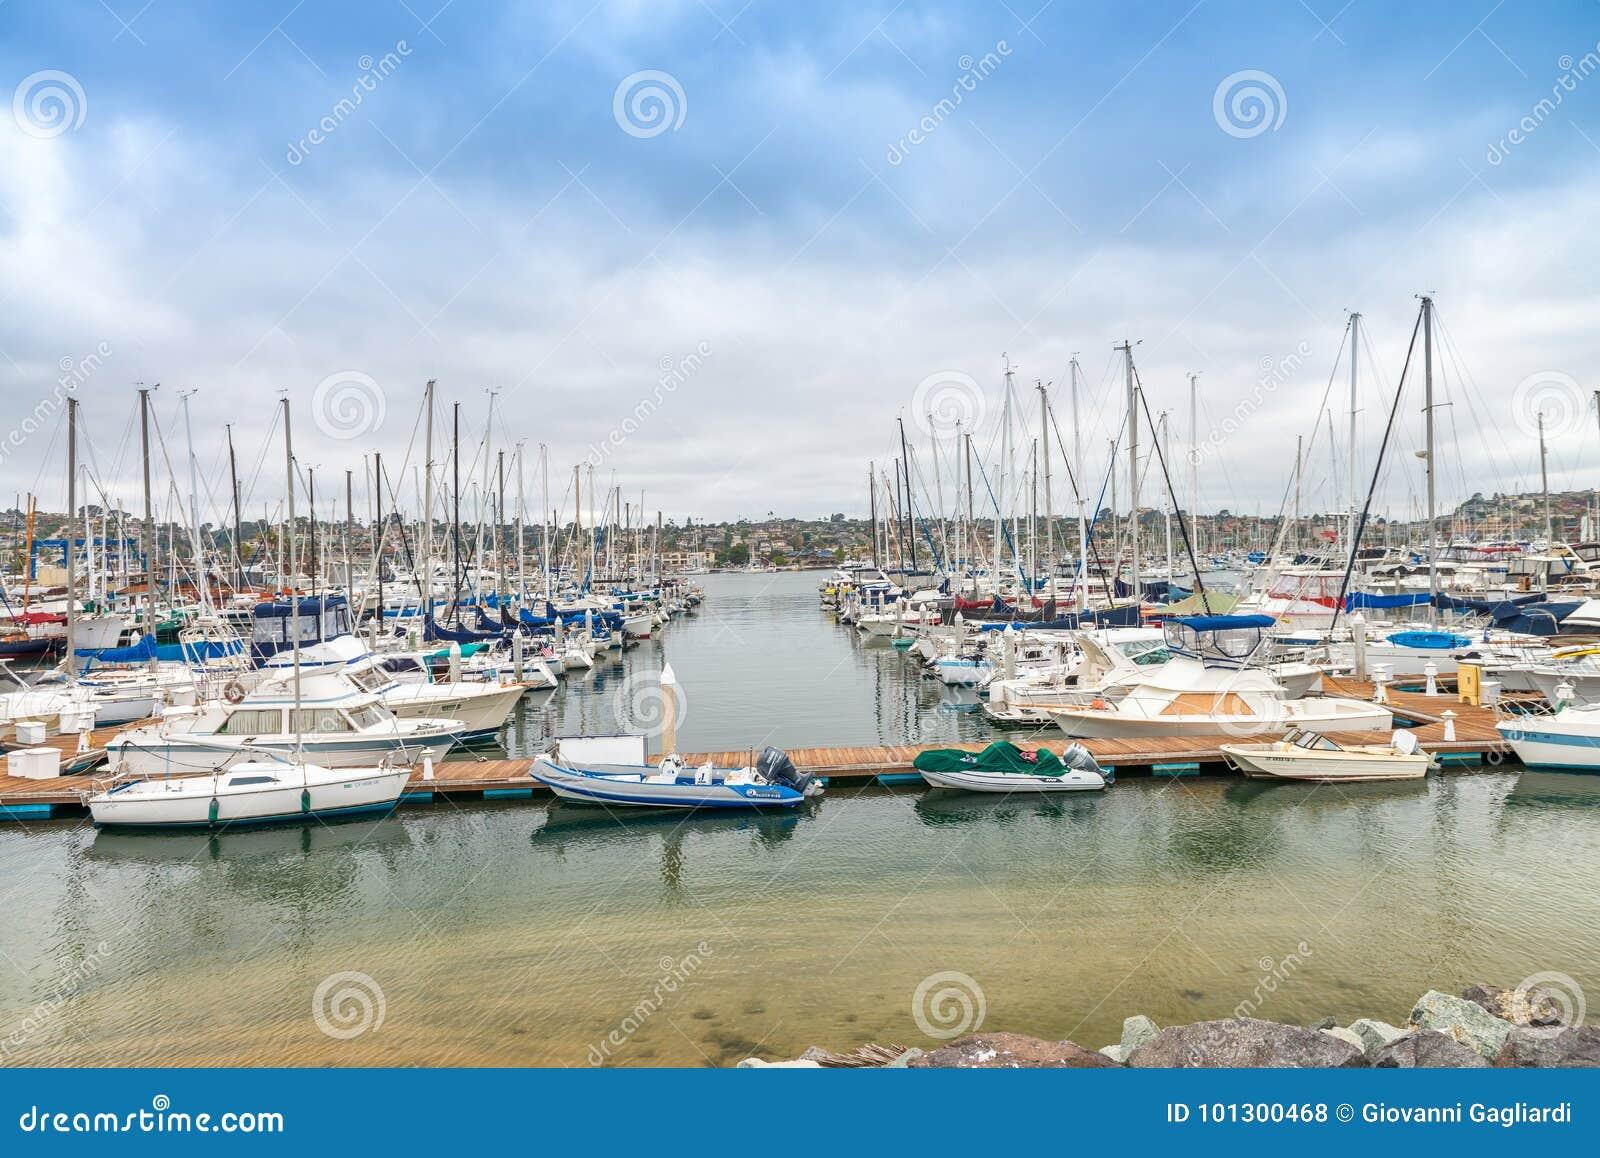 san diego july 29 2017 boats in san diego port san. Black Bedroom Furniture Sets. Home Design Ideas